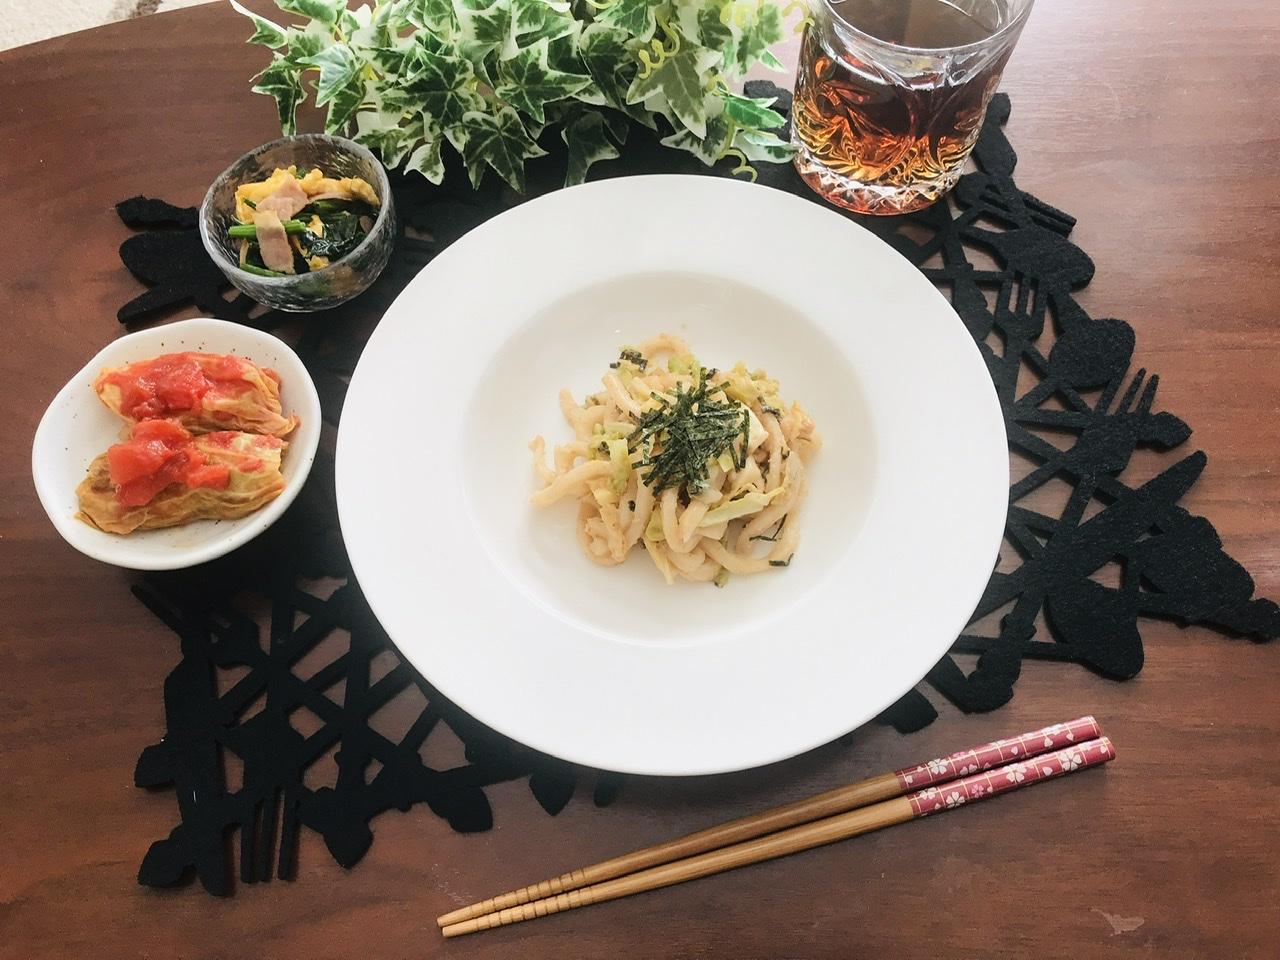 【今月のお家ごはん】アラサー女子の食卓!作り置きおかずでラク晩ご飯♡-Vol.12-_3